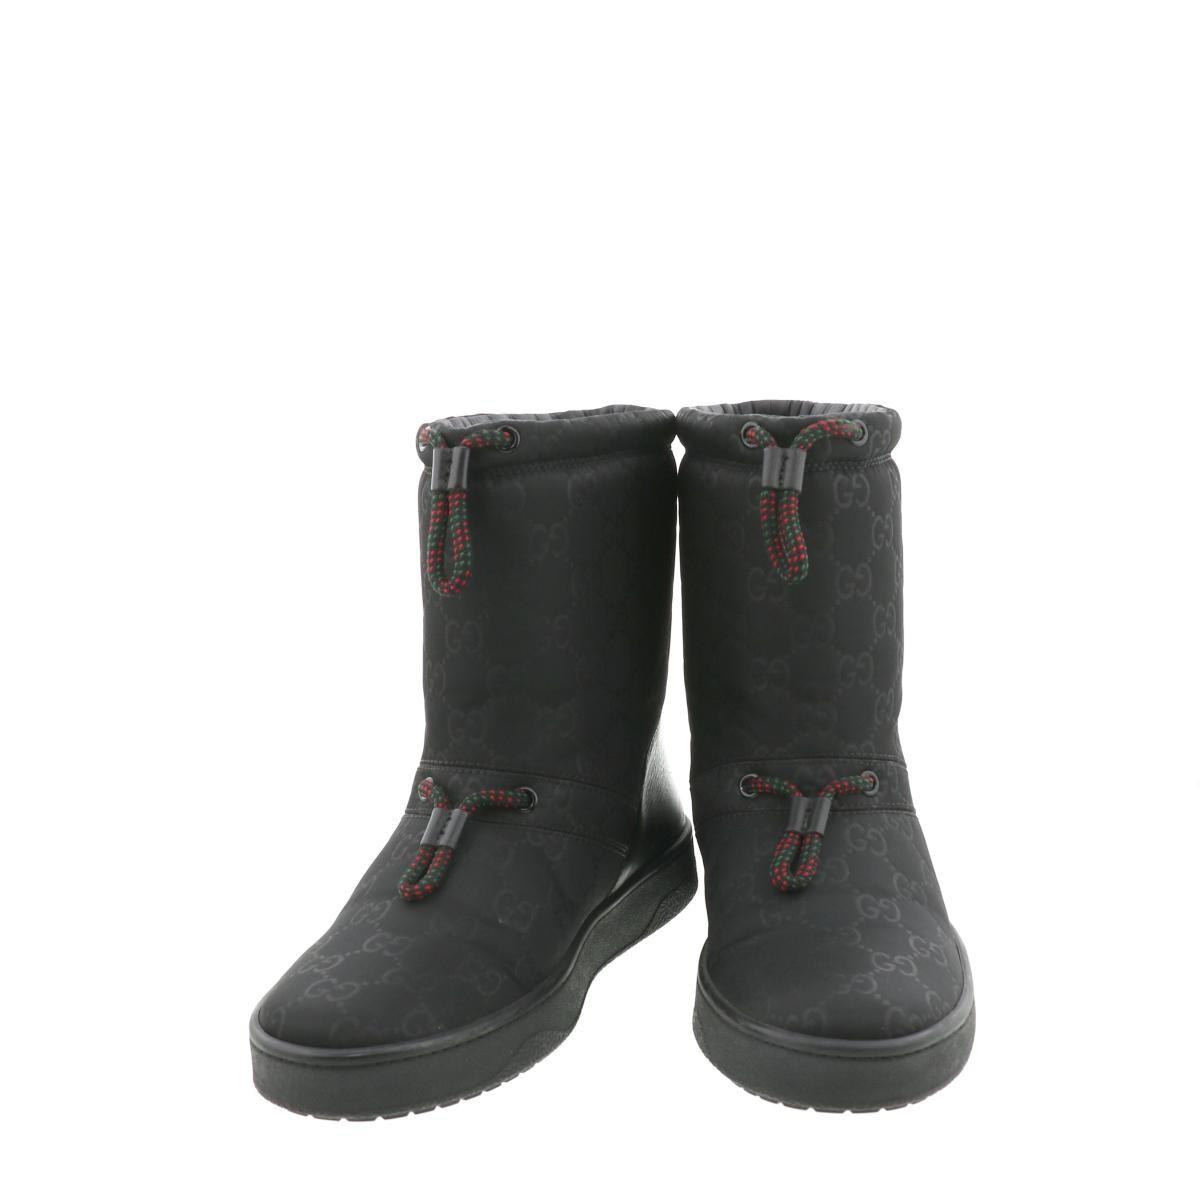 【即日発送・水曜定休日・木曜発送】【美品】【中古】【24cm】【RI】 GUCCI (グッチ) ナイロンレザーショートブーツ 靴 靴/レディース  Black/ブラック